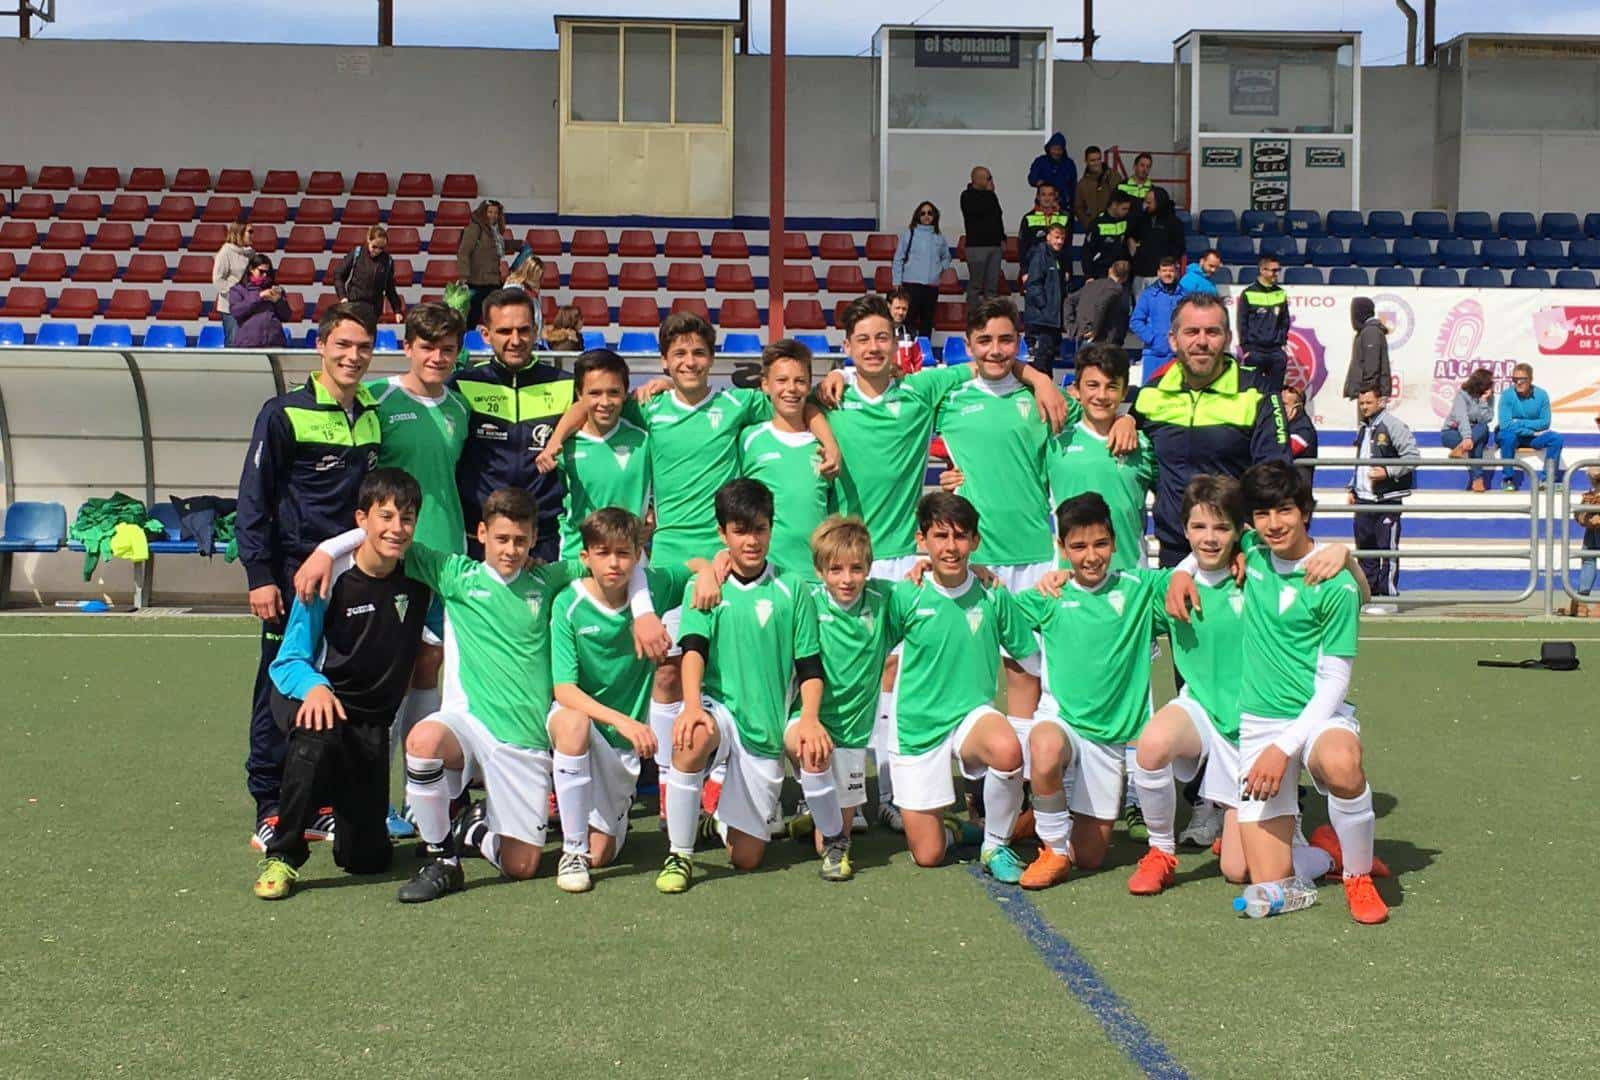 El equipo infantil de Herencia se enfrenta en cuartos de final de la Fase Regional frente al Almansa 3